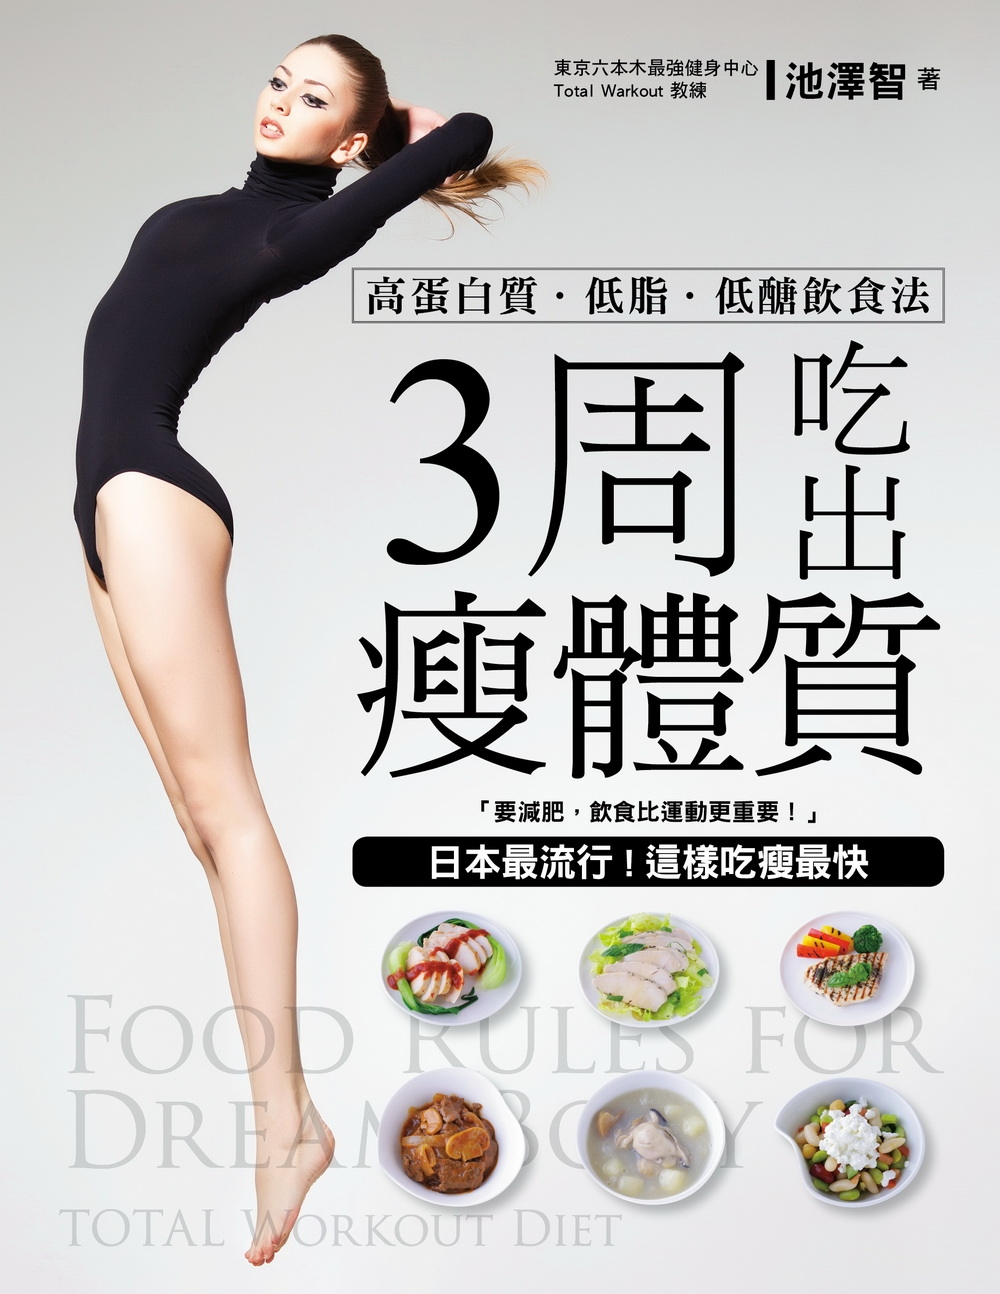 3周吃出瘦體質!:日本最流行!這樣吃瘦最快,高蛋白質.低脂.低醣飲食法!